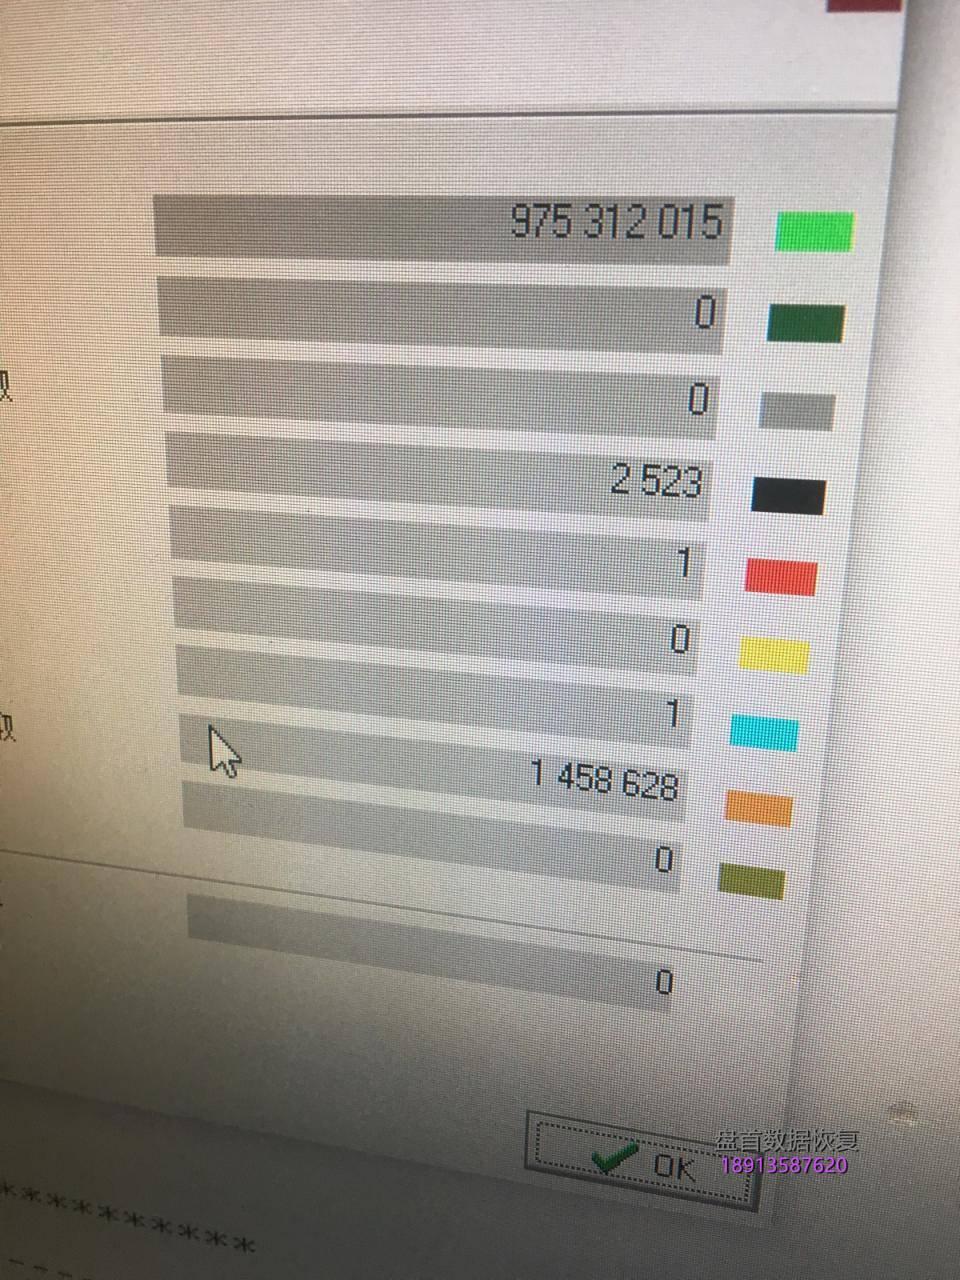 联想服务器板载软阵列两盘raid1突然断电导致硬盘损 联想服务器板载软阵列两盘RAID1突然断电导致硬盘损坏手工修复系统文件后正常开机